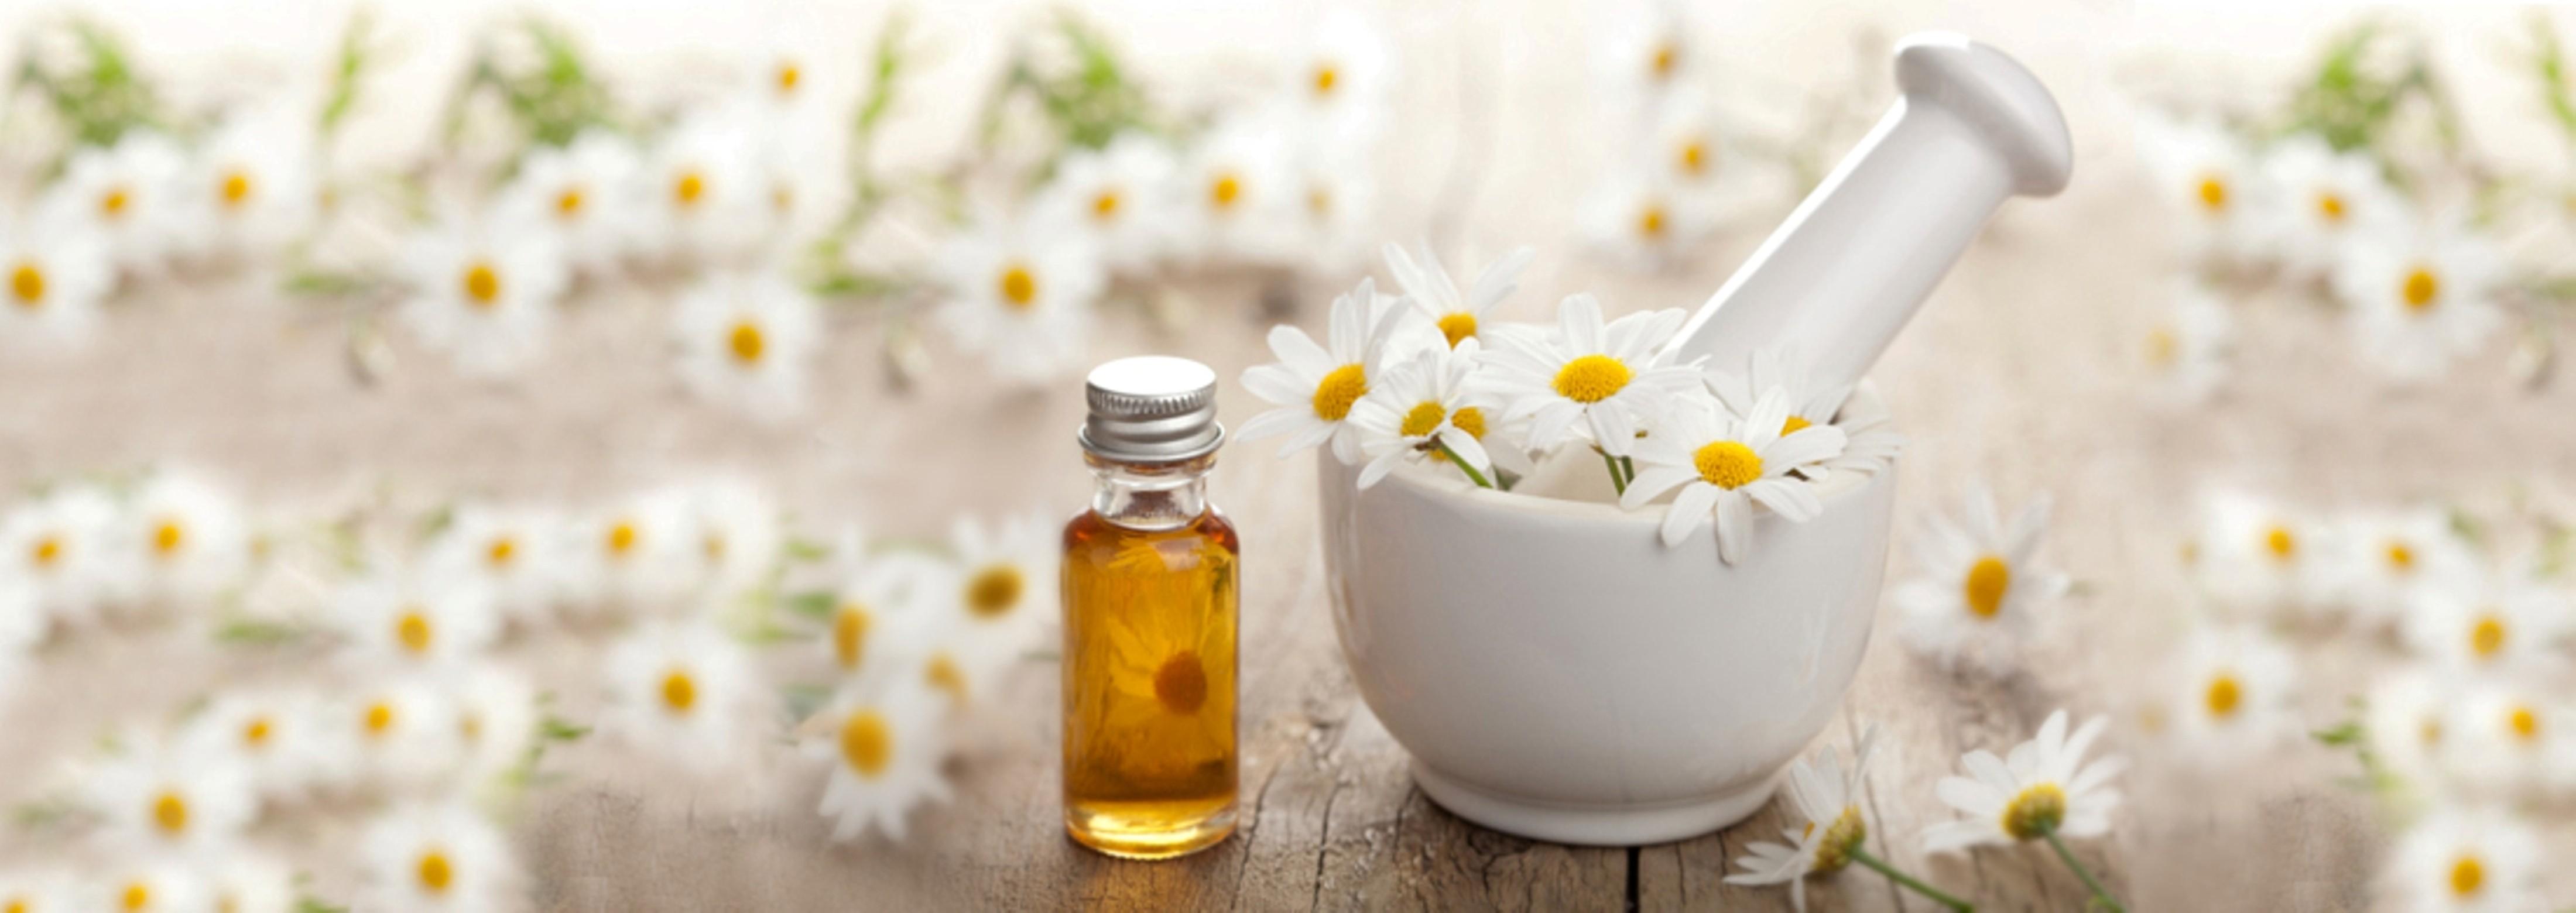 Signos e aromaterapia: Descubra qual aroma combina com você (Foto: Divulgação)